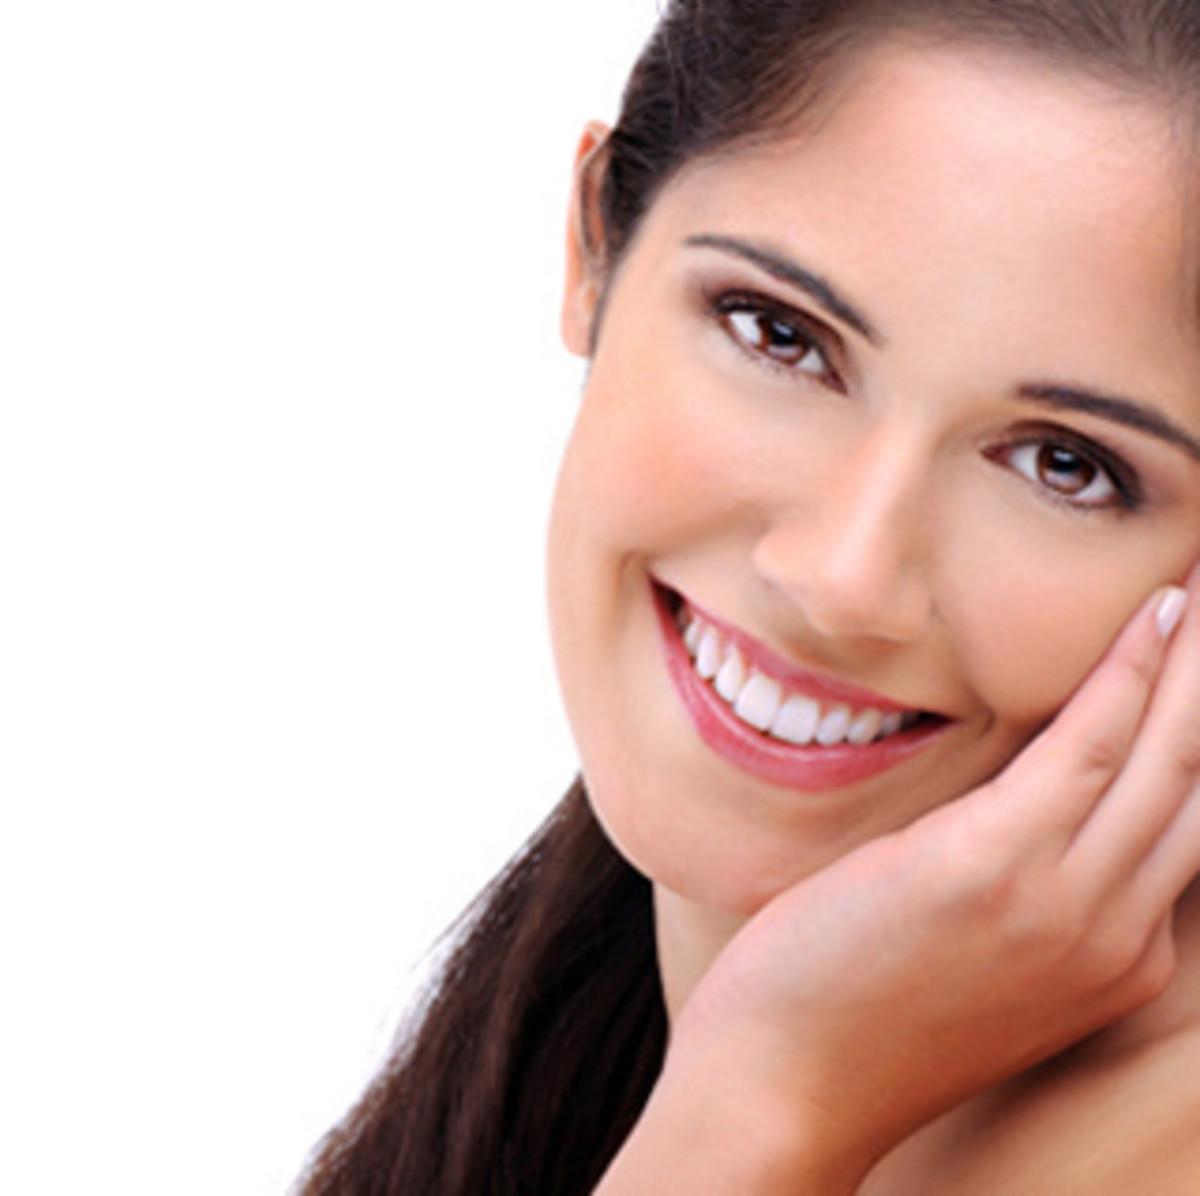 fresh healthy skin will be your reward.